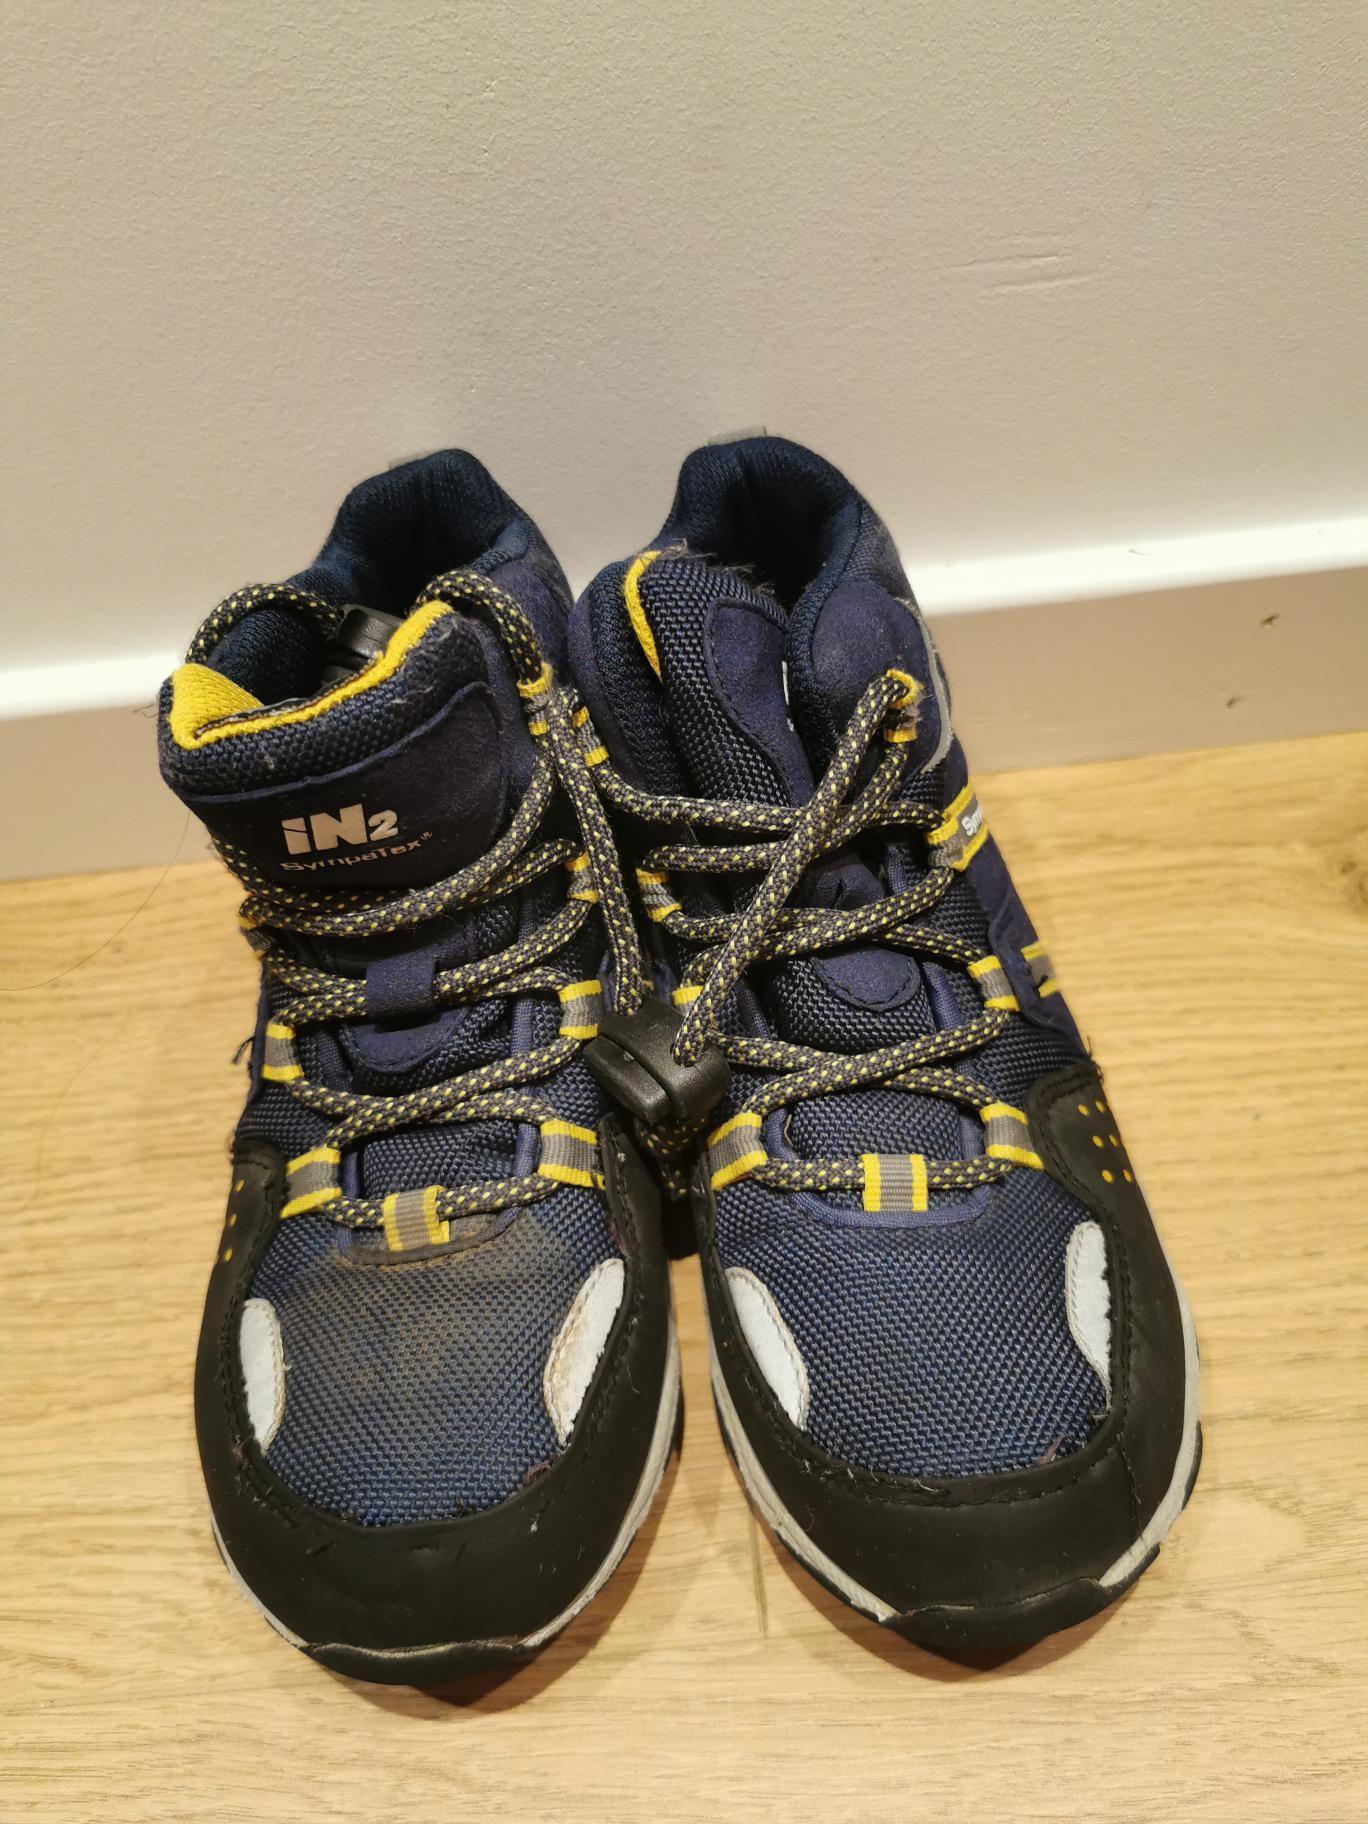 kjøpe brukte sko